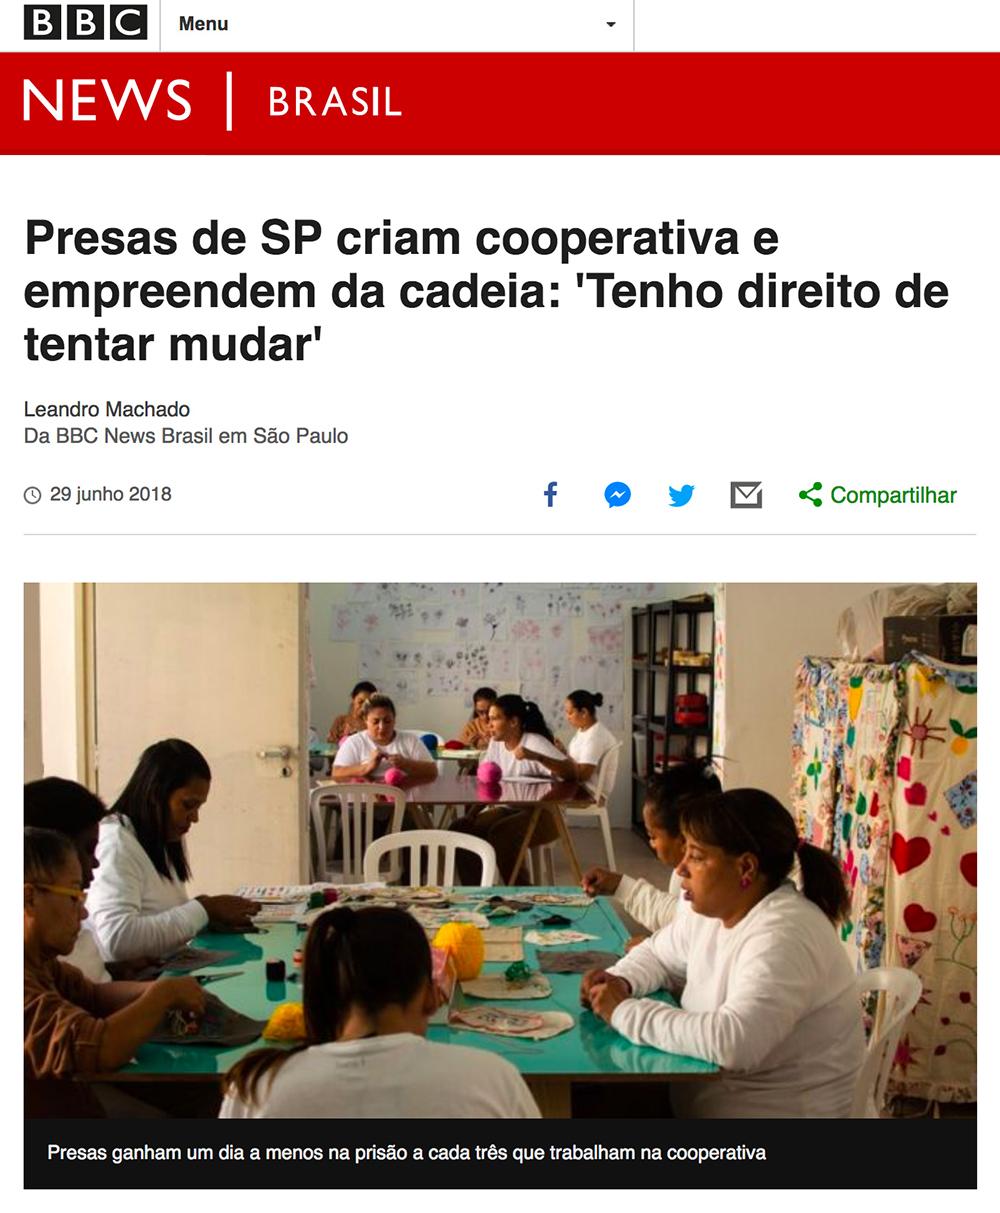 BBC-News-Brasil.jpeg